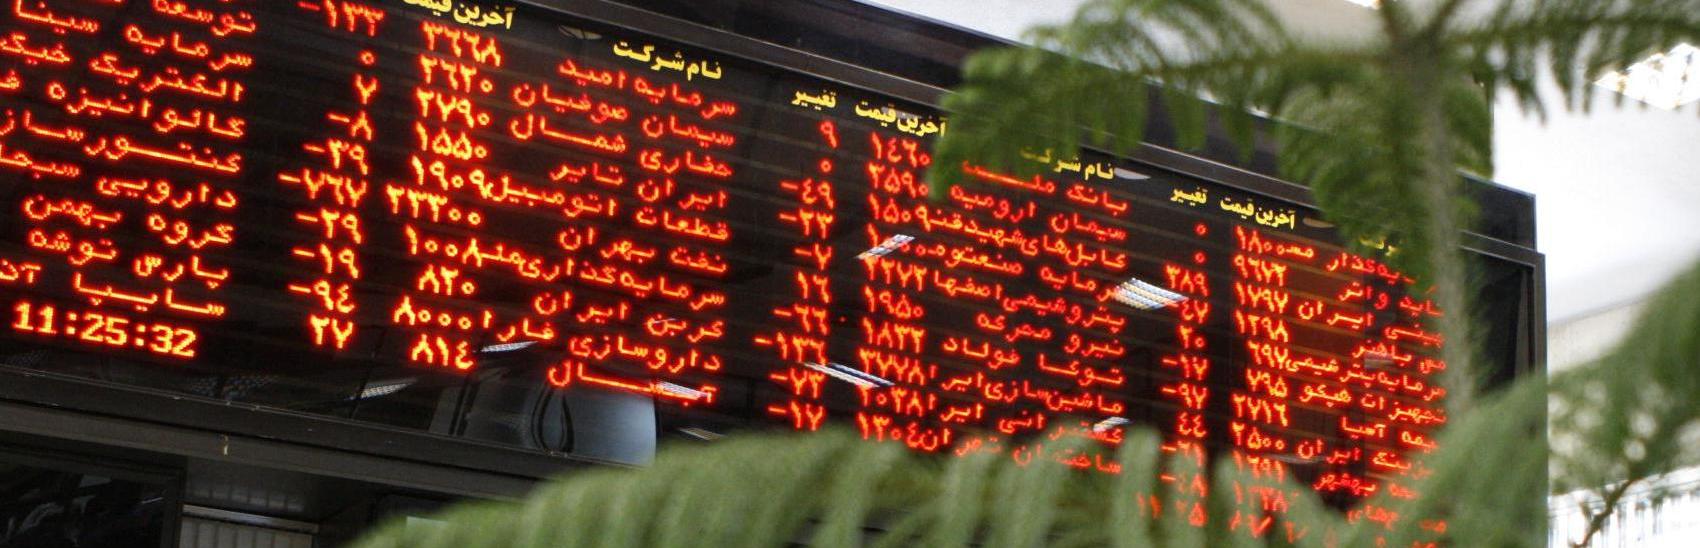 زیر و بم معاملات تالار نقرهای در آخرین روز معاملاتی هفته